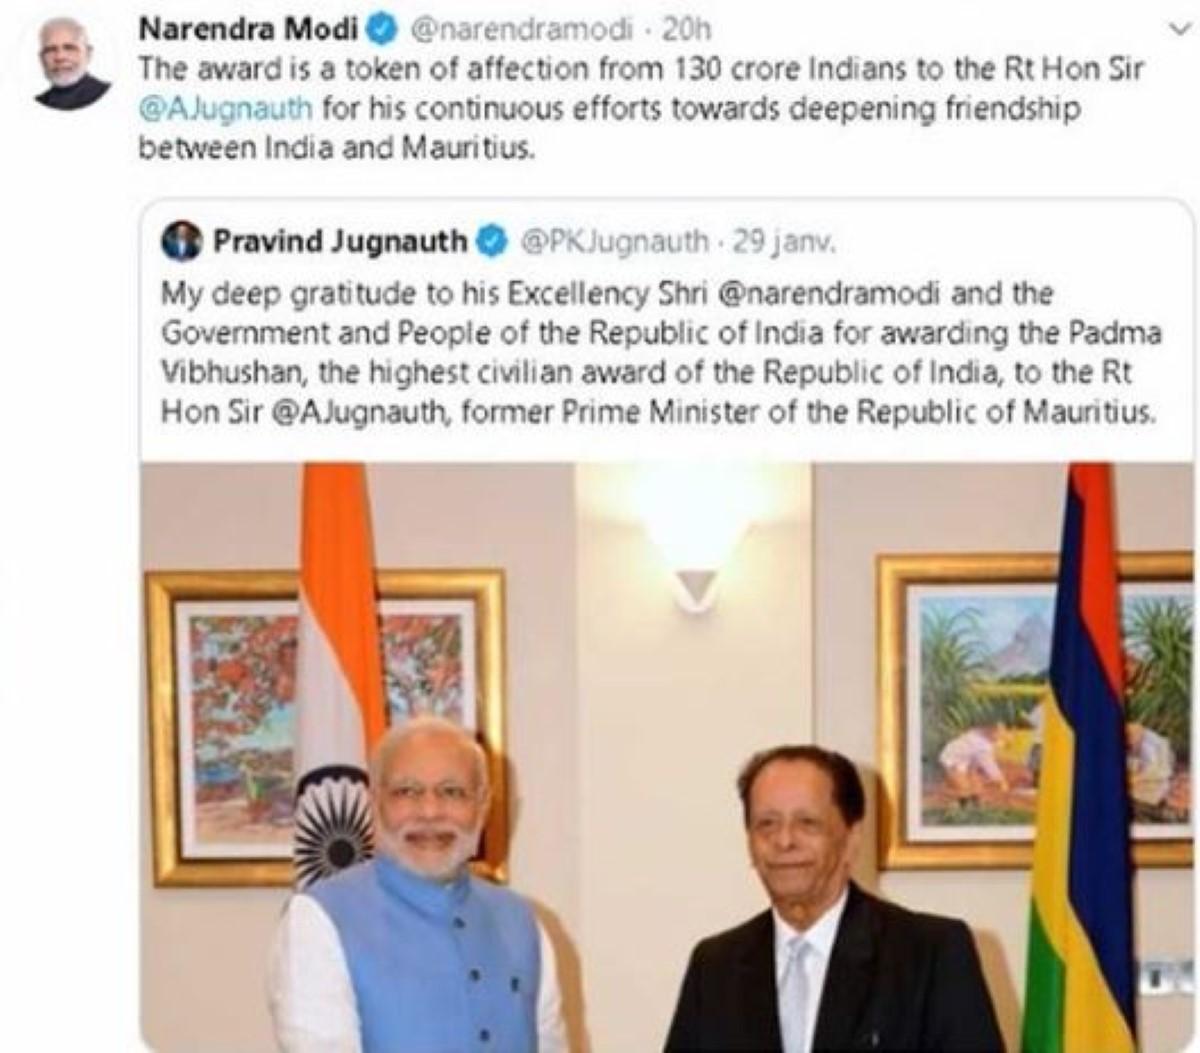 Echange de Tweets entre Narendra Modi et Pravind Jugnauth